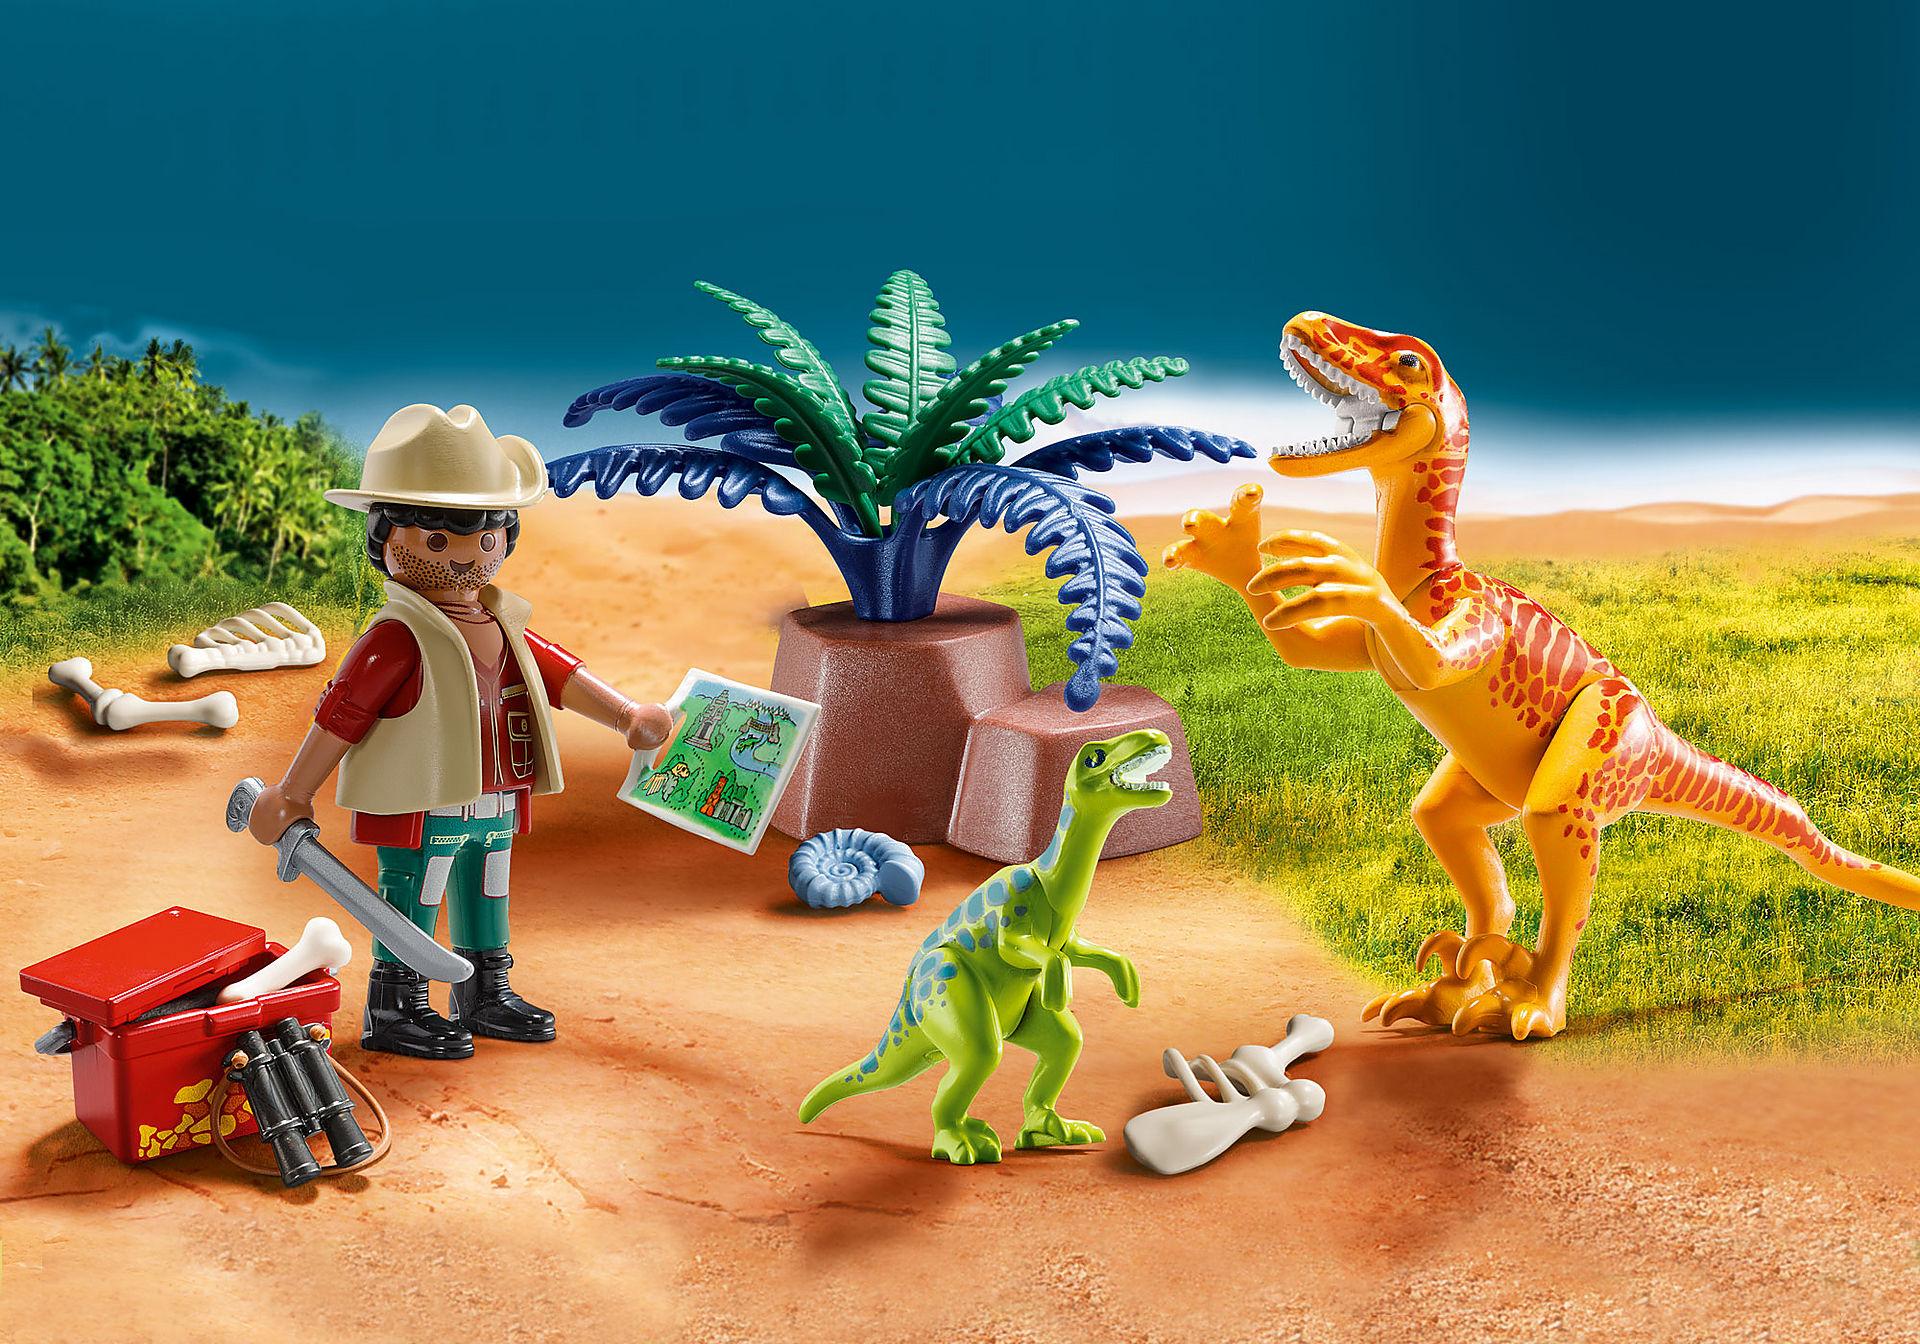 70108 Maleta grande dos Dinossauros e Explorador zoom image1